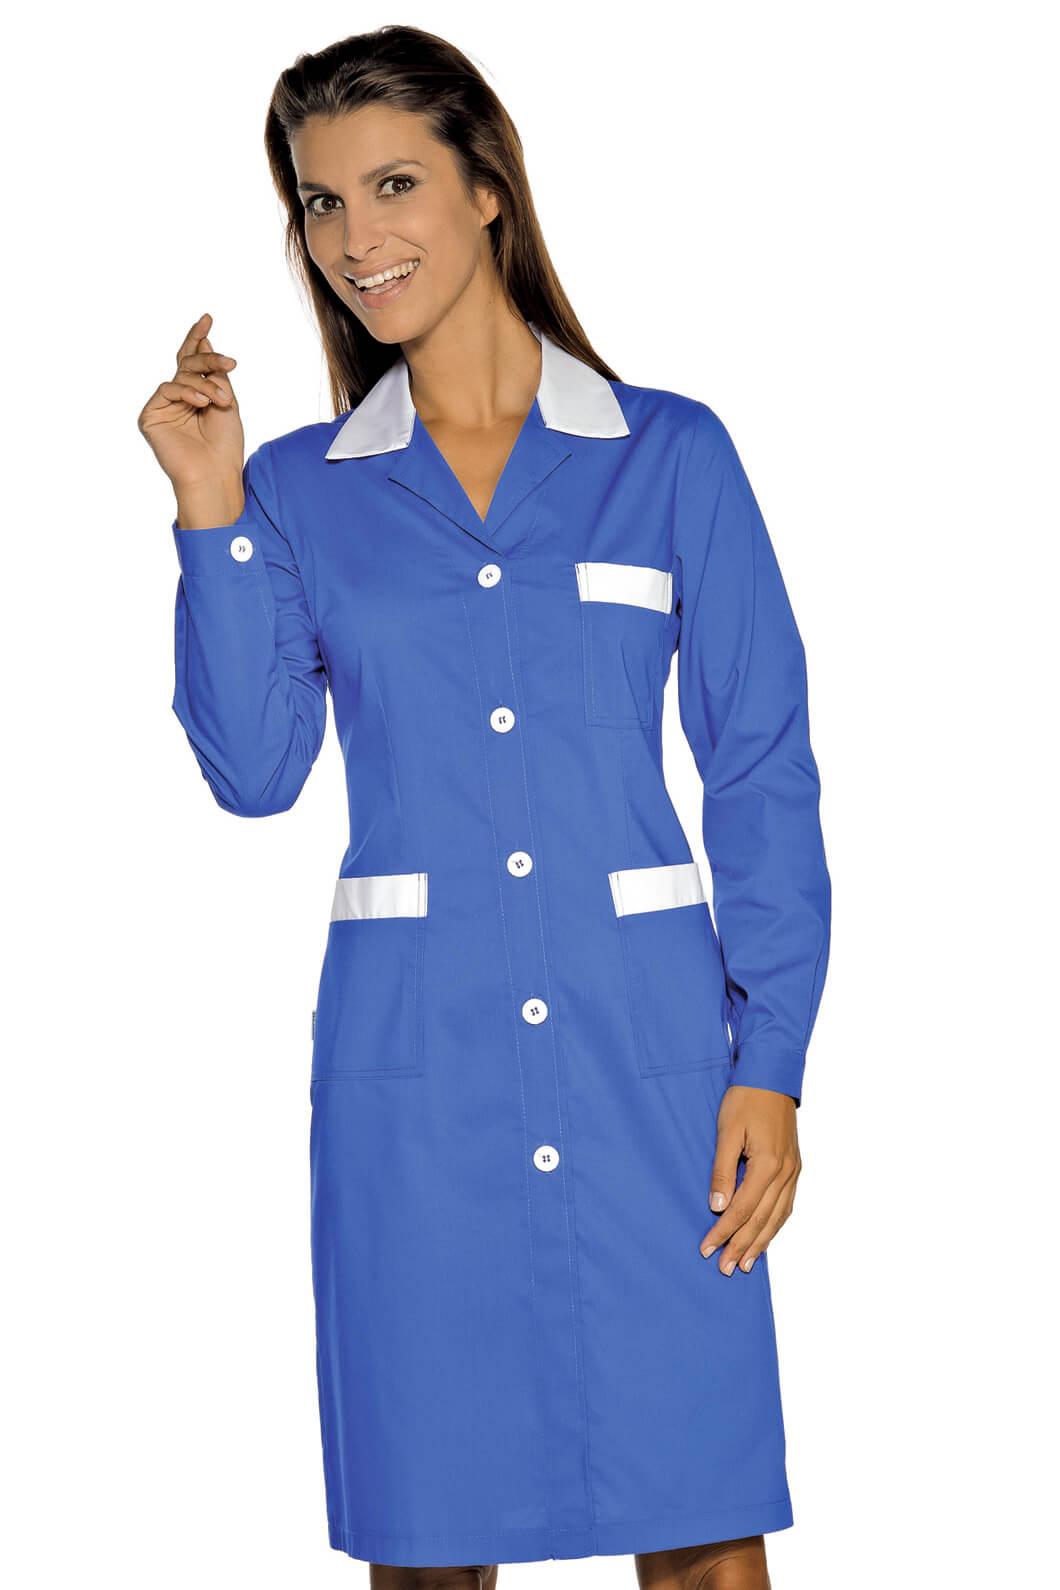 blouse de travail manches longues positano bleu cyan blanc. Black Bedroom Furniture Sets. Home Design Ideas